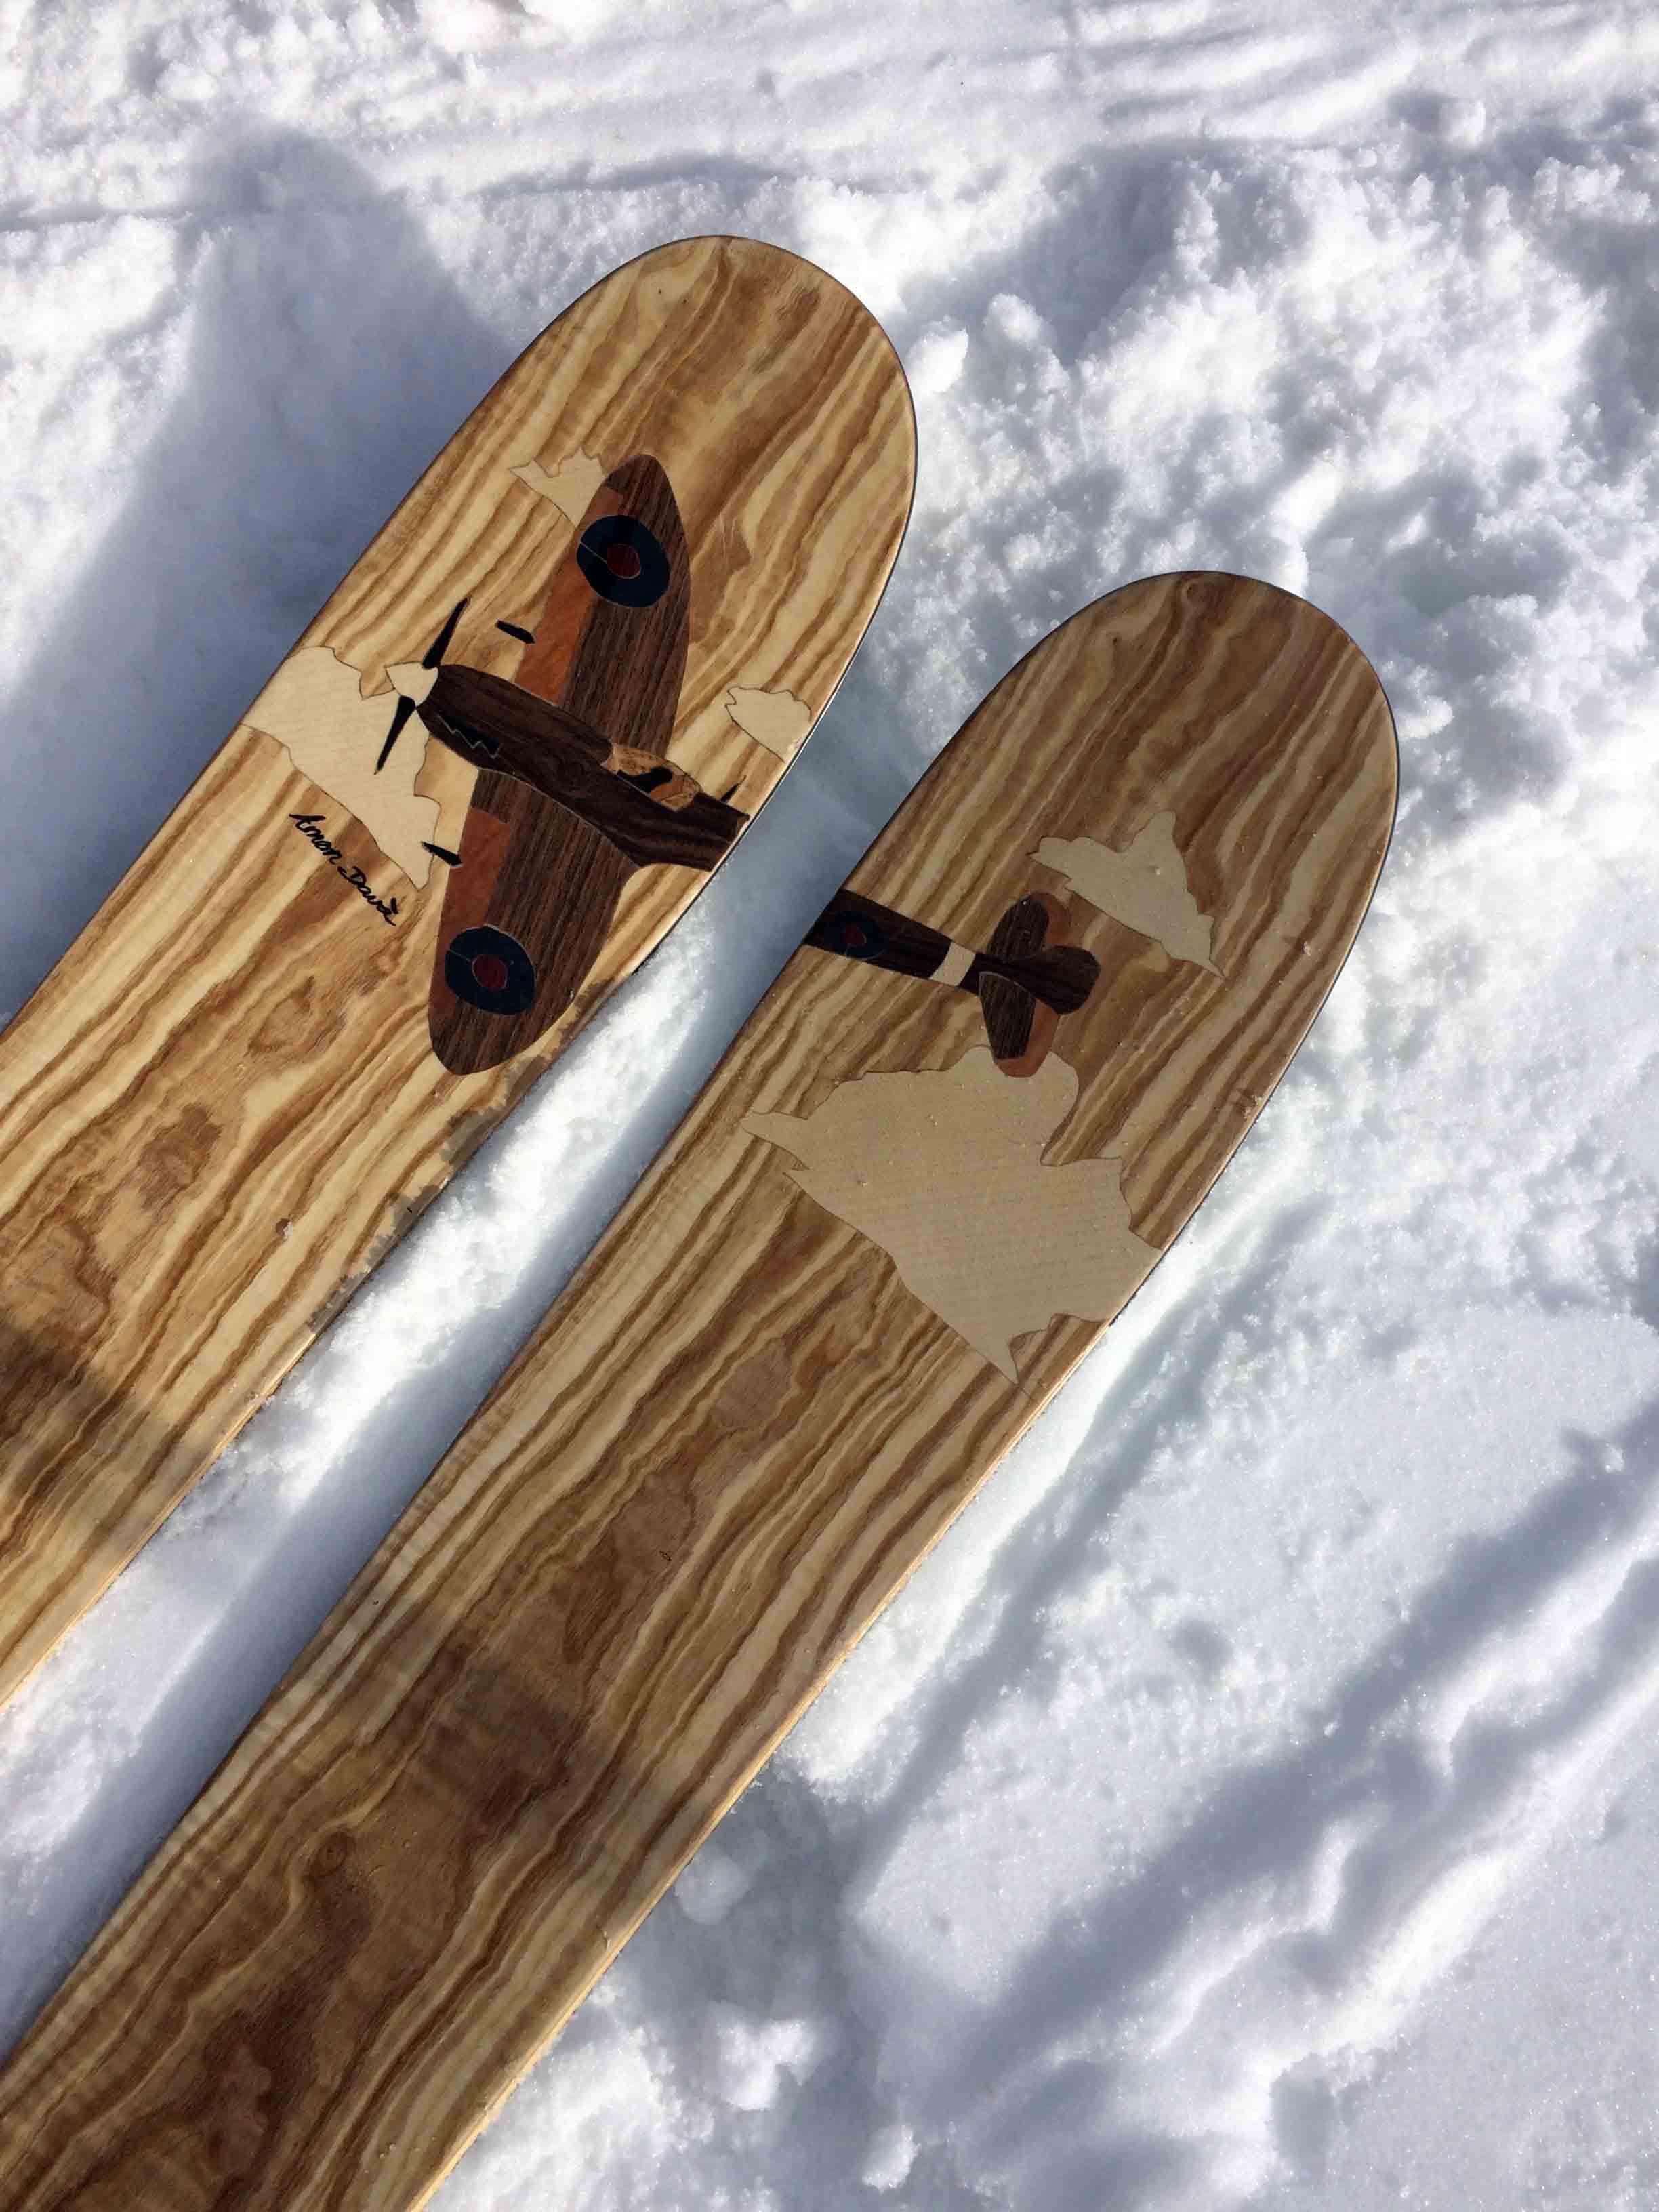 012 Amon Dava ski bois spitfire